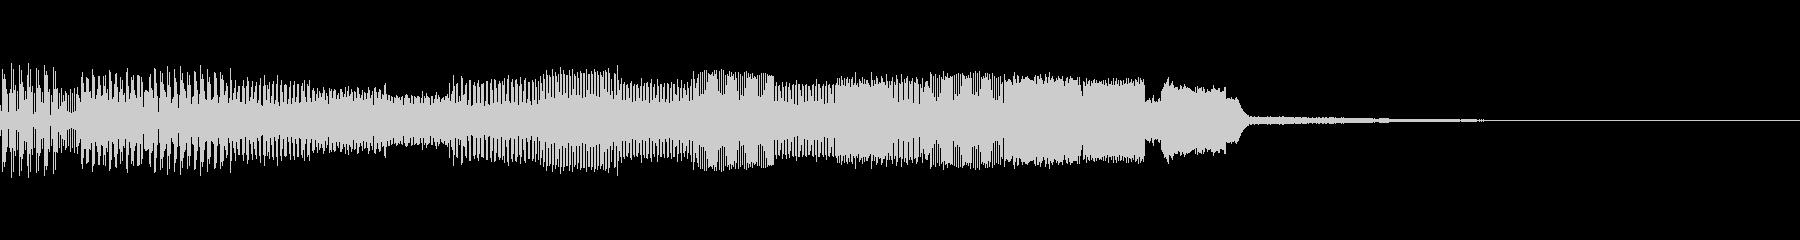 パチンコ的アイテム獲得音03(電子音)の未再生の波形